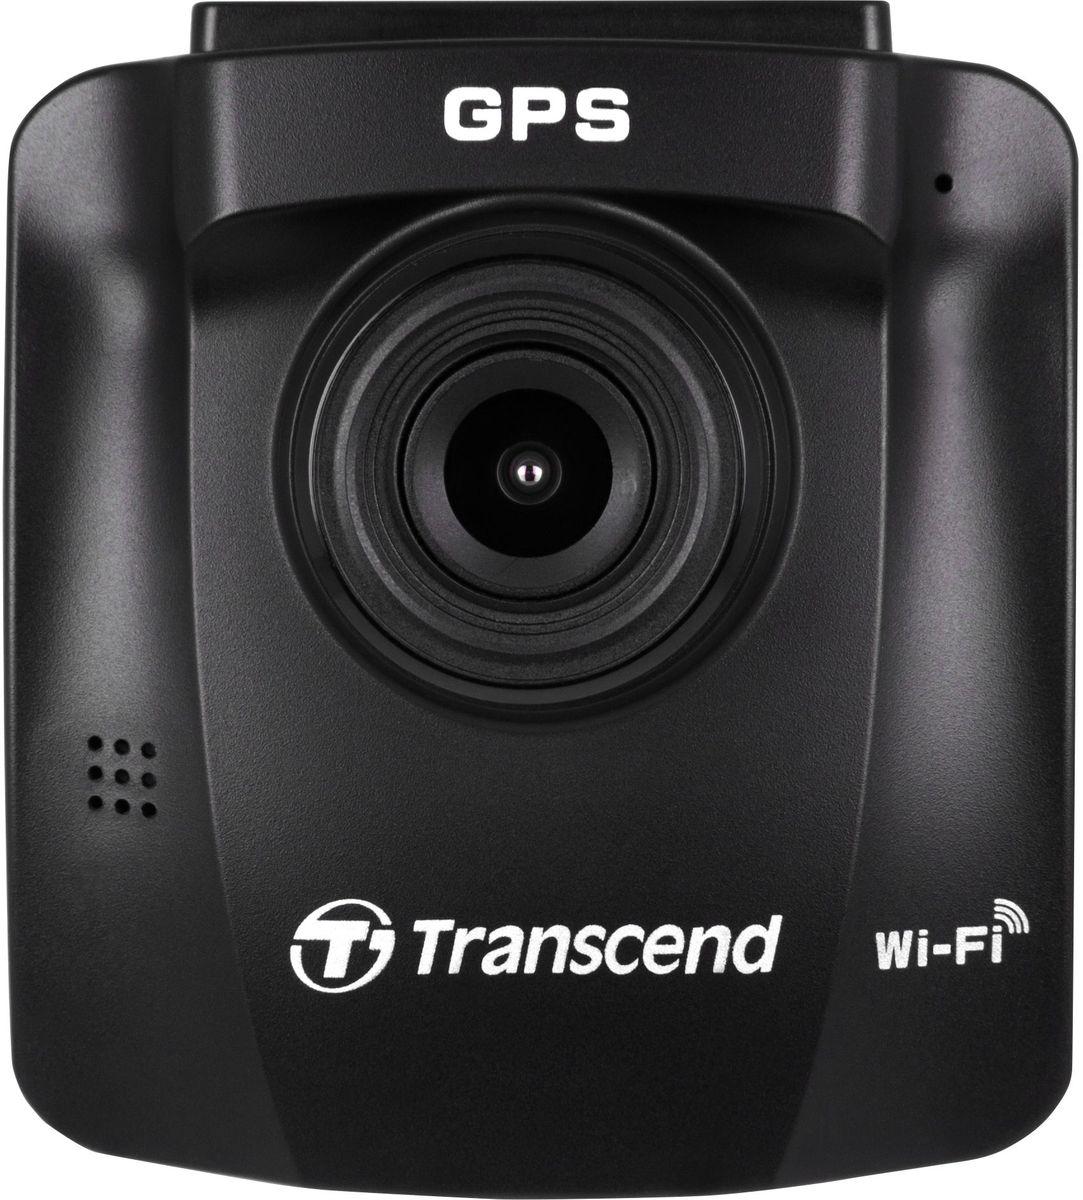 Transcend DrivePro 230 видеорегистратор автомобильный + microSD 16GbTS16GDP230MАвтомобильные видеорегистраторы Transcend DrivePro 230 не только оснащены всеми необходимыми функциями, но и имеют стильный дизайн. Камера DrivePro 230 оснащена матрицей Sony, позволяющей даже при низкой освещенности снимать видео высокого разрешения с невероятно точной градацией яркости. Более того, устройство имеет встроенный приемник GPS, аккумулятор, удобную кнопку сохранения снимка и адаптер Wi-Fi. Transcend DrivePro 230 — это не только средство для видеофиксации происшествий, но и настоящий компаньон, который будет сопровождать вас в любых путешествиях.DrivePro 230 оснащен матрицей Sony, позволяющей даже при низкой освещенности получать изображение с высоким разрешением и отличной насыщенной цветопередачей. Технология расширения динамического диапазона Wide Dynamic Range (WDR) помогает сбалансировать яркие и темные зоны изображения, обеспечивая максимальную четкость каждого кадра.Встроенный приемник GPS позволяет зафиксировать в видеозаписи текущие координаты, дату и время съемки. В случае дорожного происшествия он точно определит ваше местоположение, и вы сможете сообщить его технической службе помощи, полиции или страховой компании, что поможет их представителям оперативно прибыть на место событий.Удобная кнопка сохранения фотографий позволяет сохранять фотоснимки во время записи видео. После инцидента пользователь может извлечь DrivePro 230 из автомобиля, чтобы зафиксировать повреждения.Встроенный литий-полимерный аккумулятор обеспечивает автономную работу устройства. Даже если двигатель был выключен в случае происшествия, запись будет сохранена.В случае столкновения встроенный датчик ускорений переведет видеорегистратор в режим экстренной записи. Это позволяет защитить ранее сохраненные файлы от перезаписи. Вы также можете вручную активировать режим экстренной записи, нажав красную кнопку на боковой панели устройства.DrivePro 230 оснащен беспроводным адаптером Wi-Fi, который поз